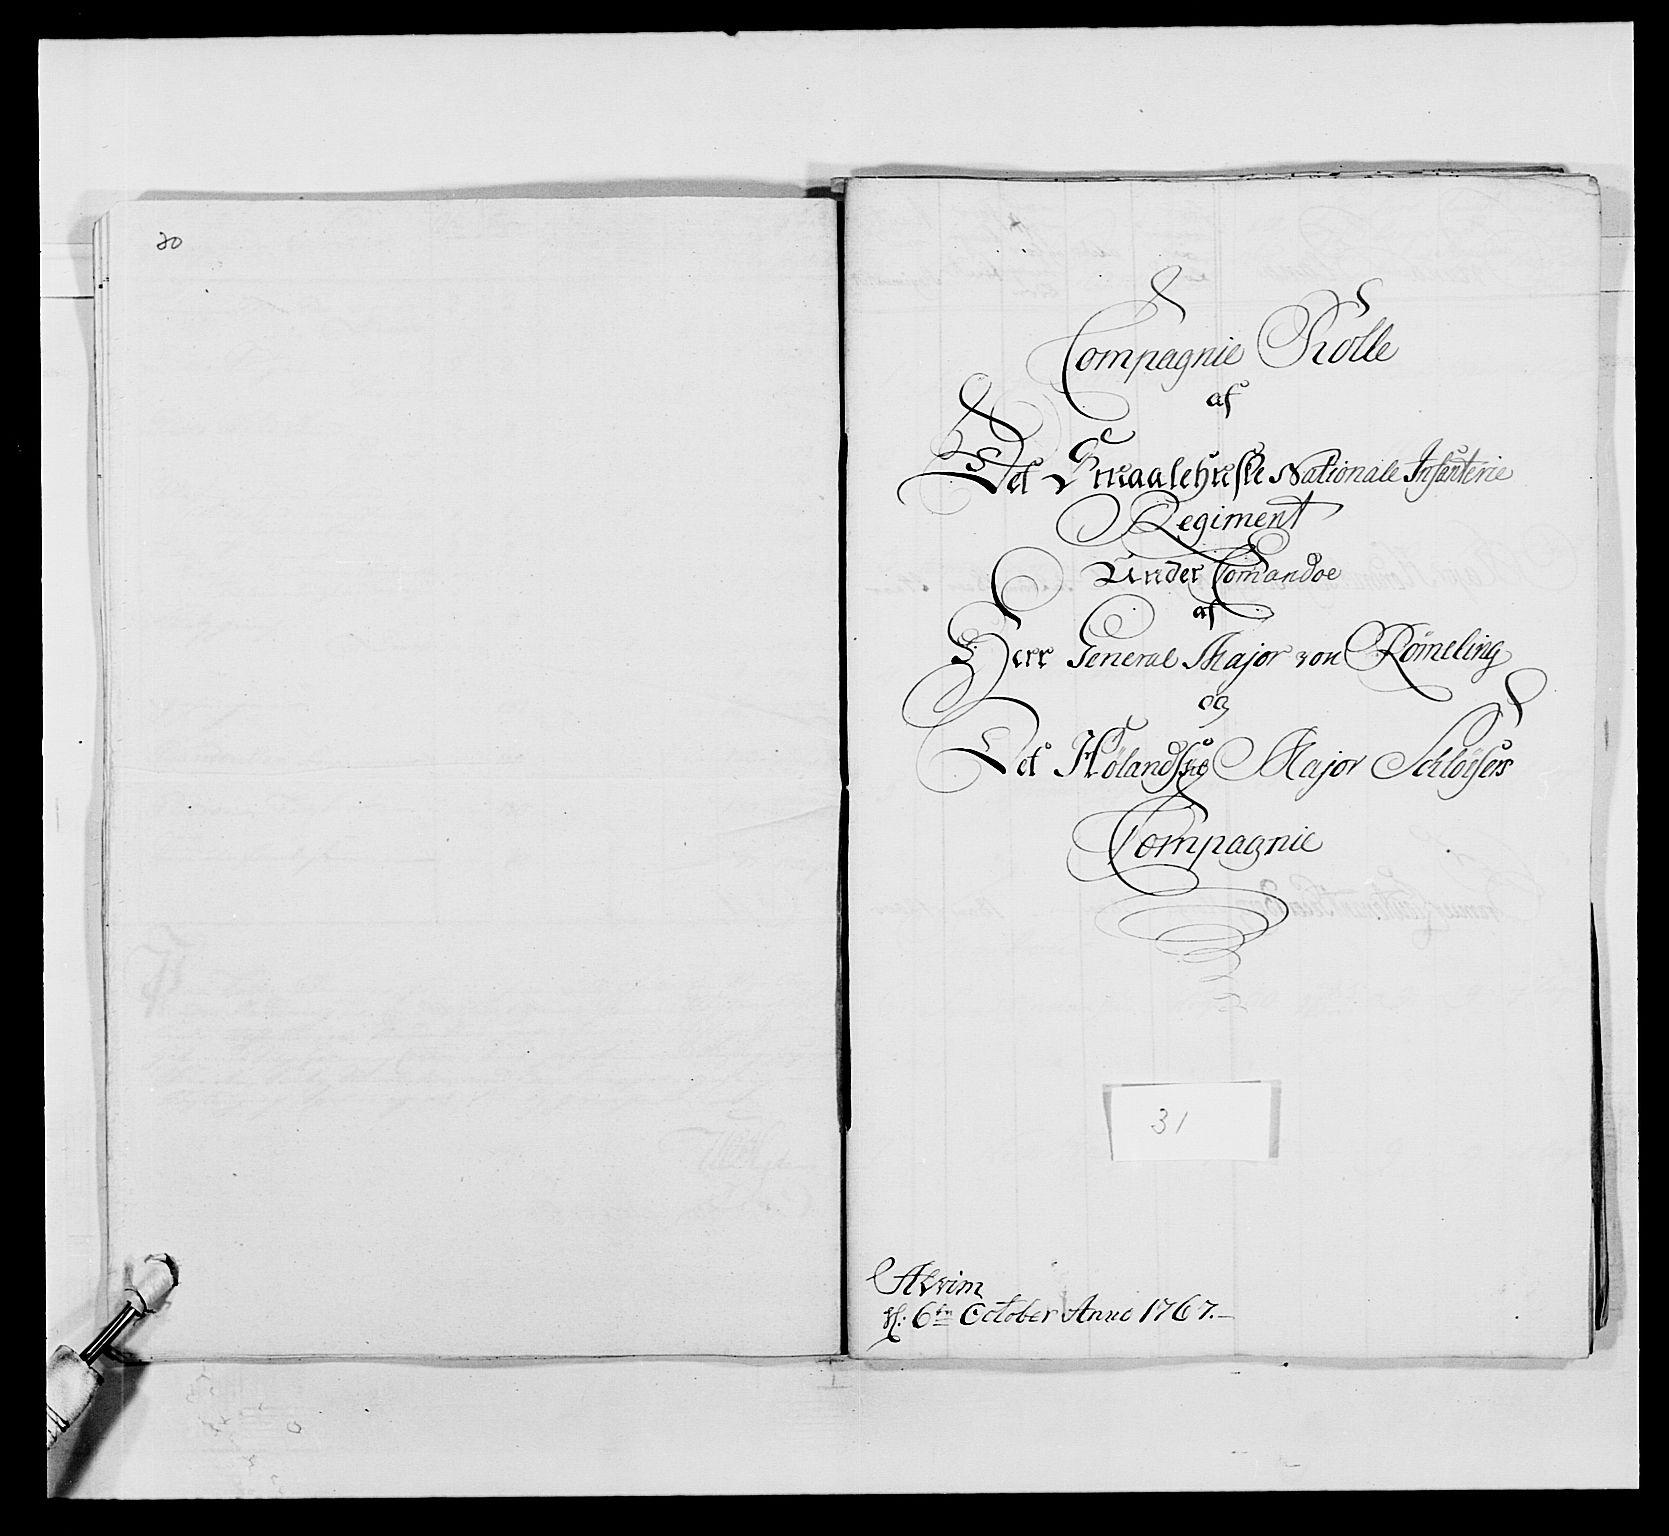 RA, Kommanderende general (KG I) med Det norske krigsdirektorium, E/Ea/L0496: 1. Smålenske regiment, 1765-1767, s. 573